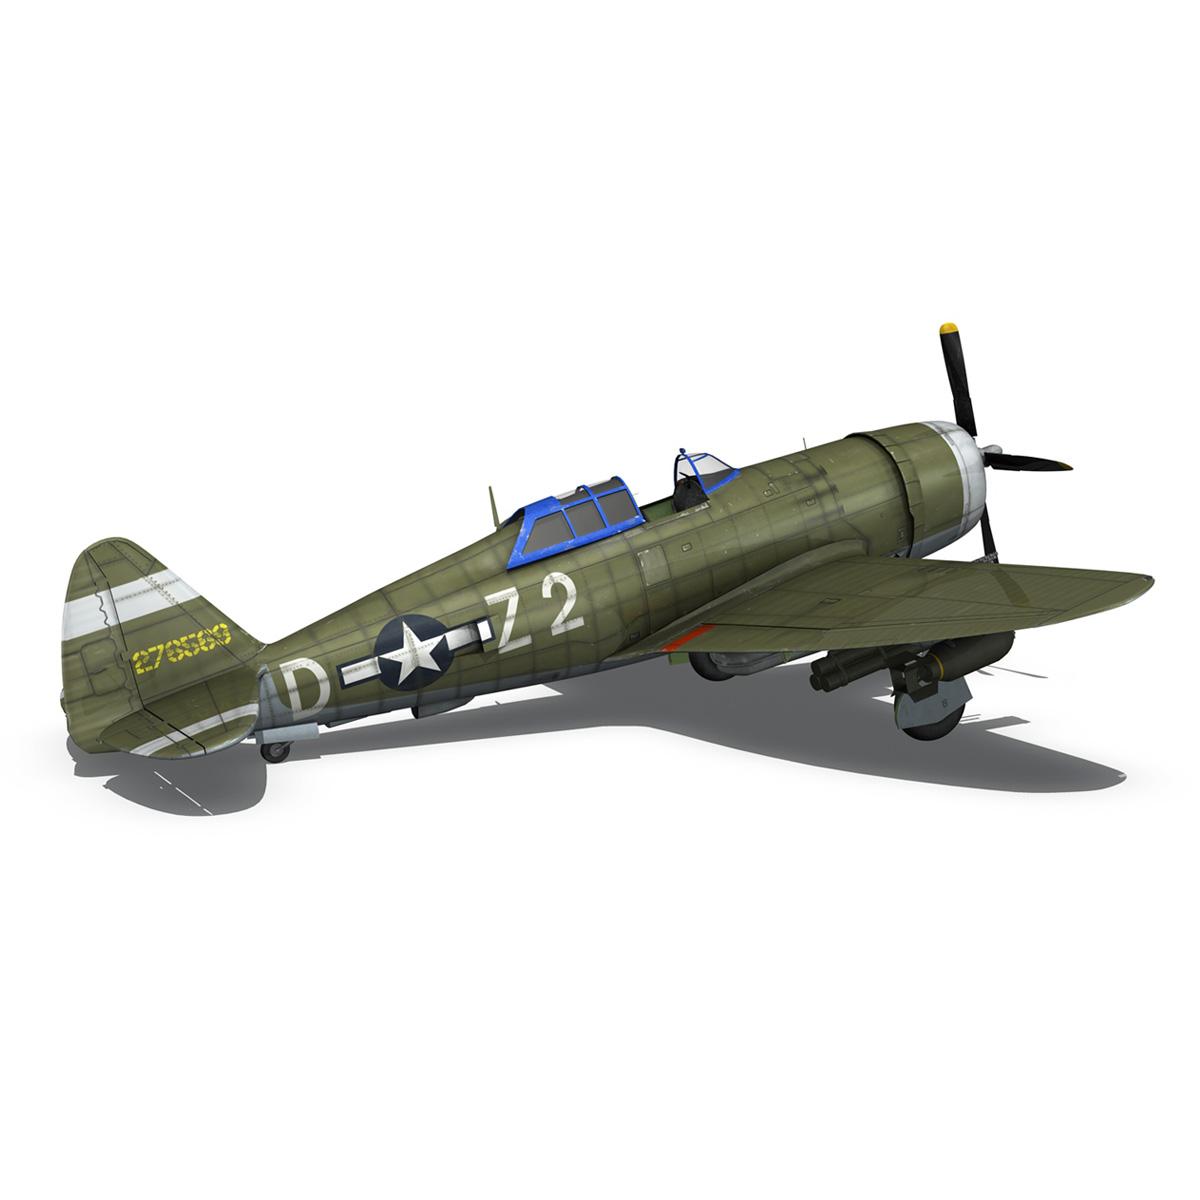 republic p-47d thunderbolt – raid hot mama 3d model 3ds c4d lwo obj 264323